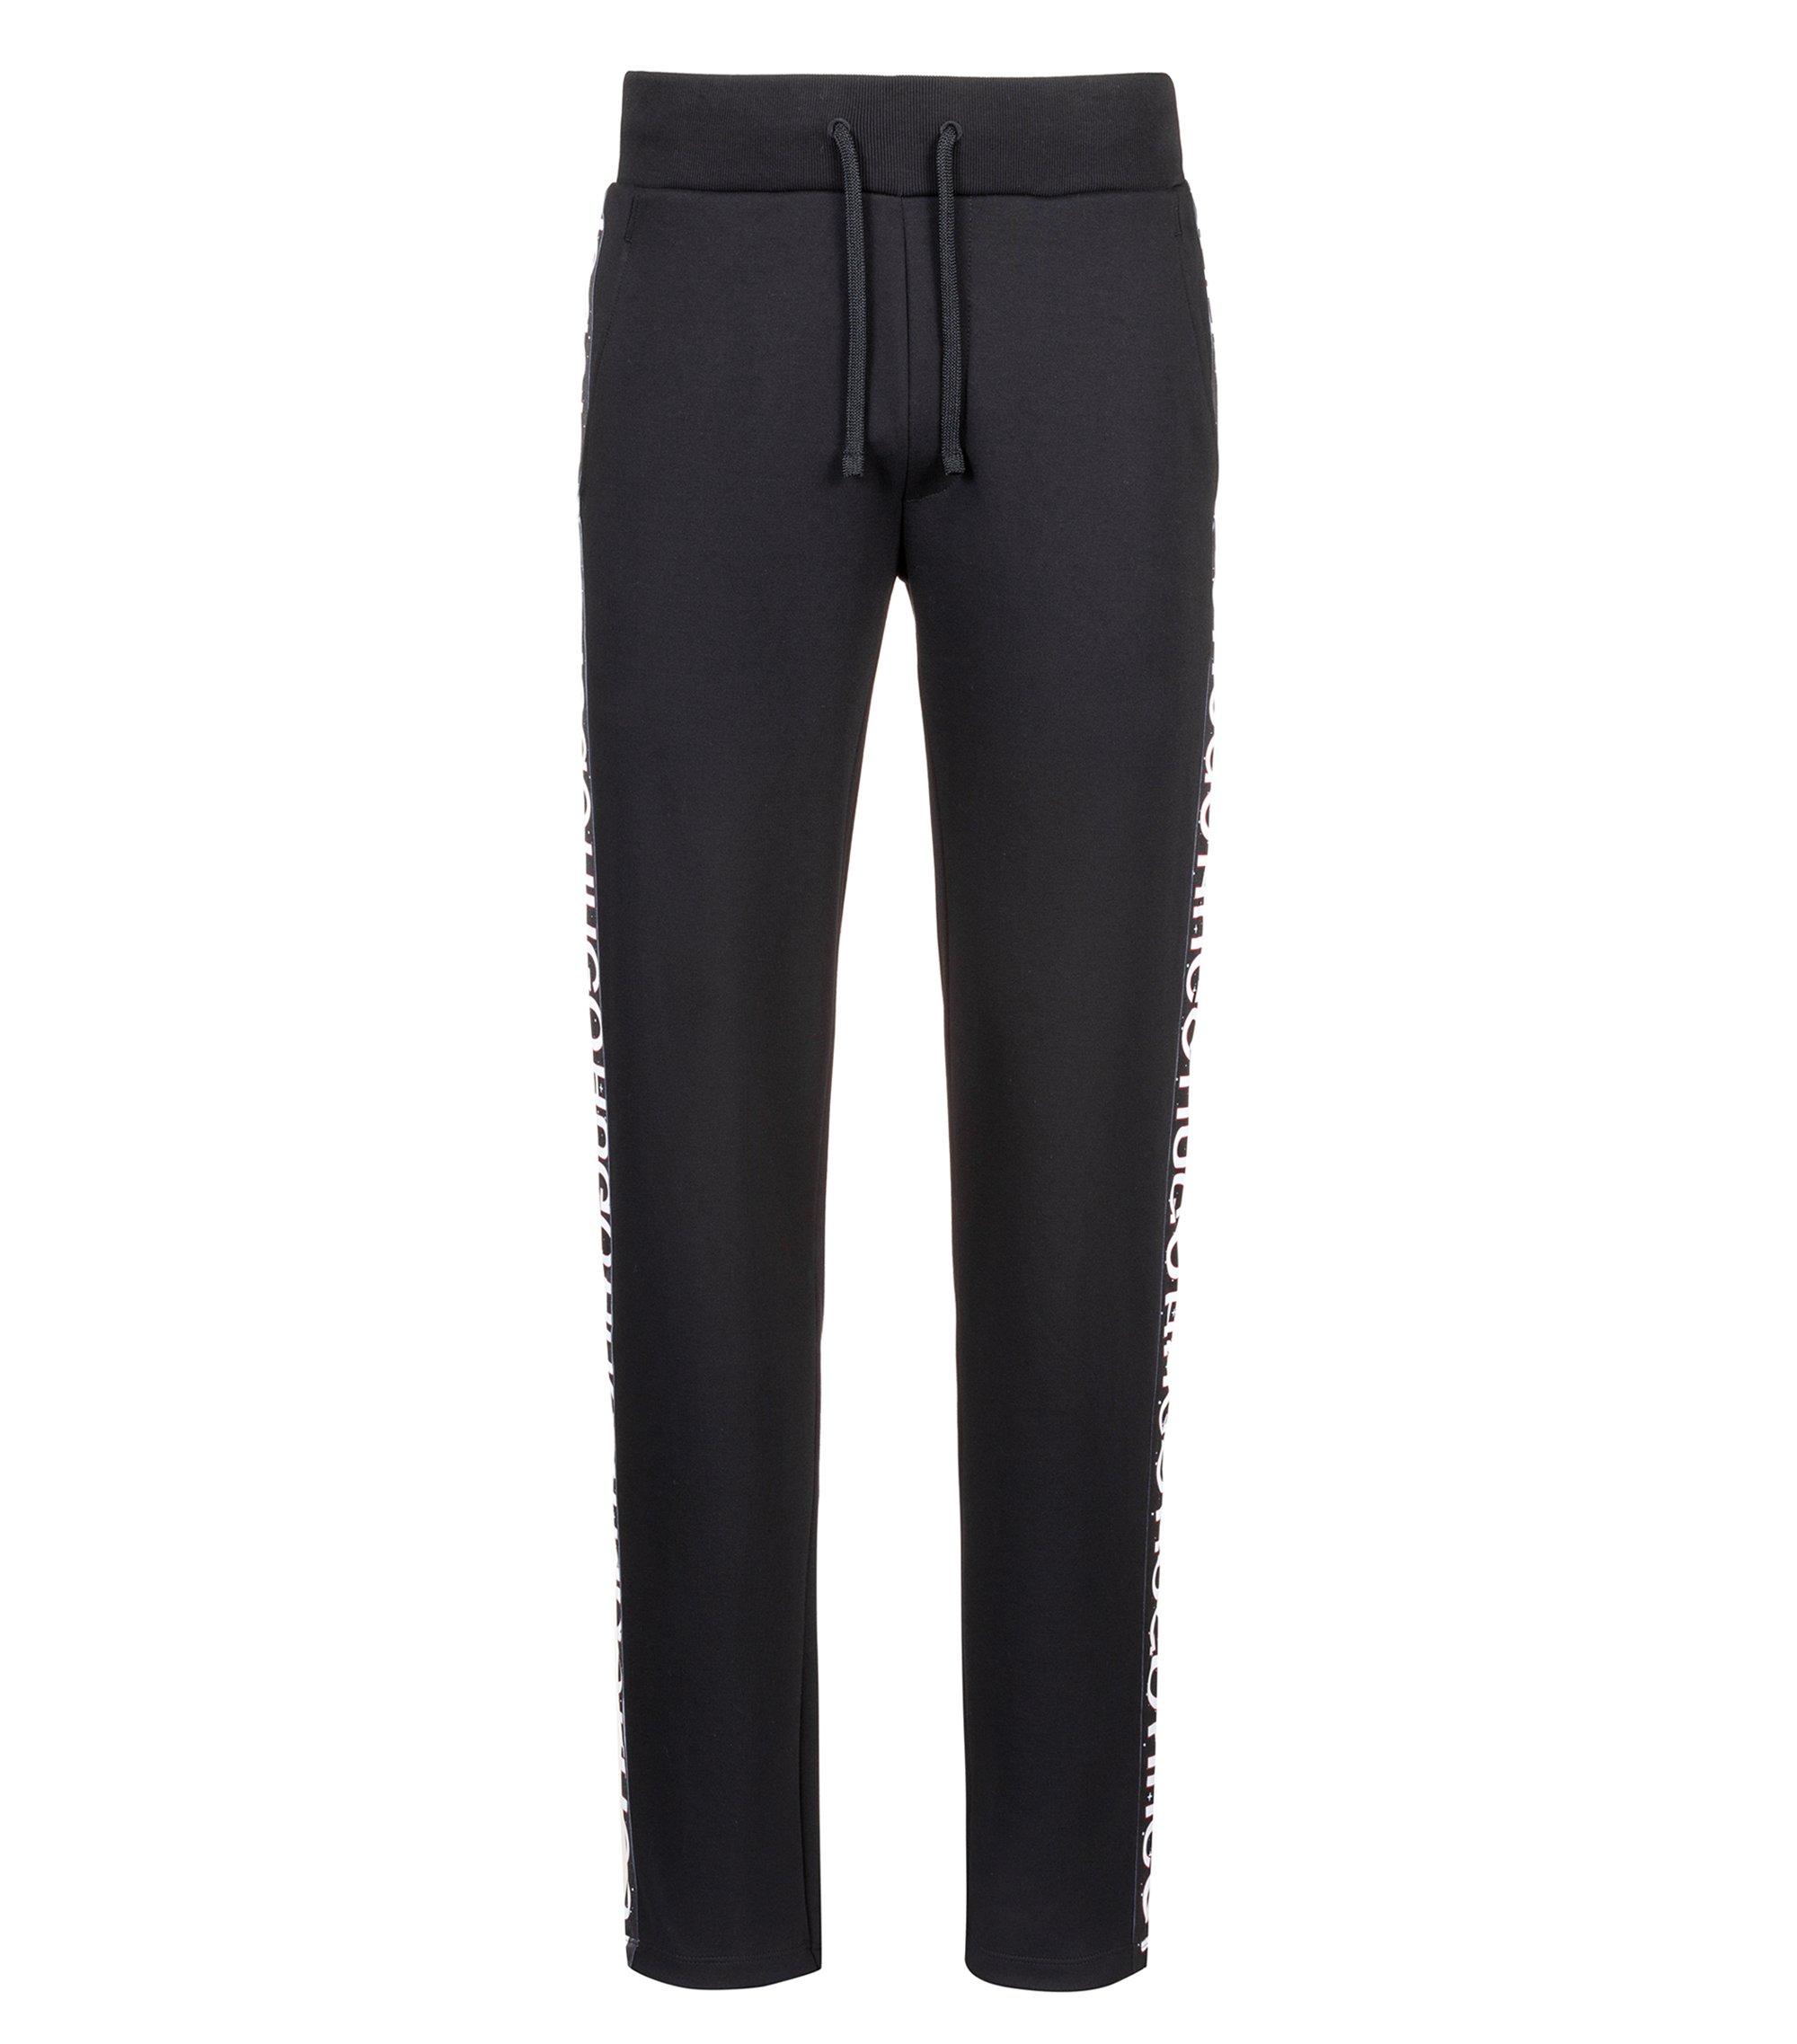 Pantalones relaxed fit en punto de algodón con cinta de logos, Negro